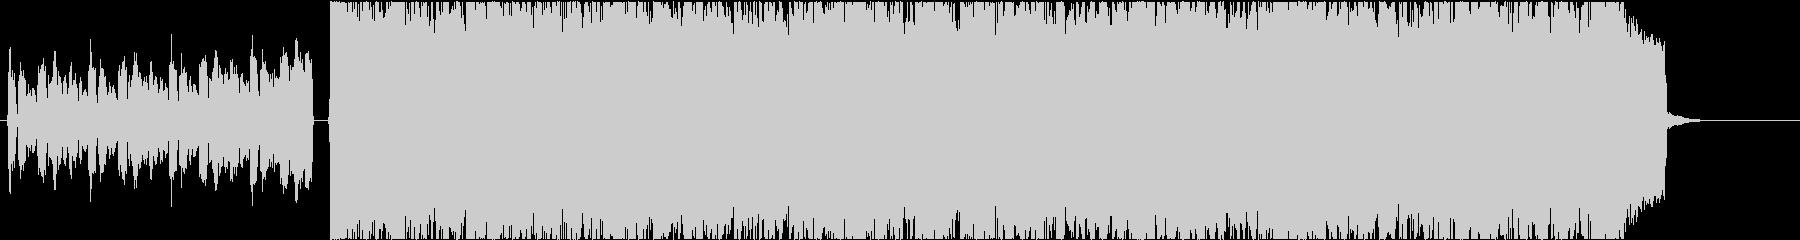 ラウドロック系イントロ風BGMの未再生の波形